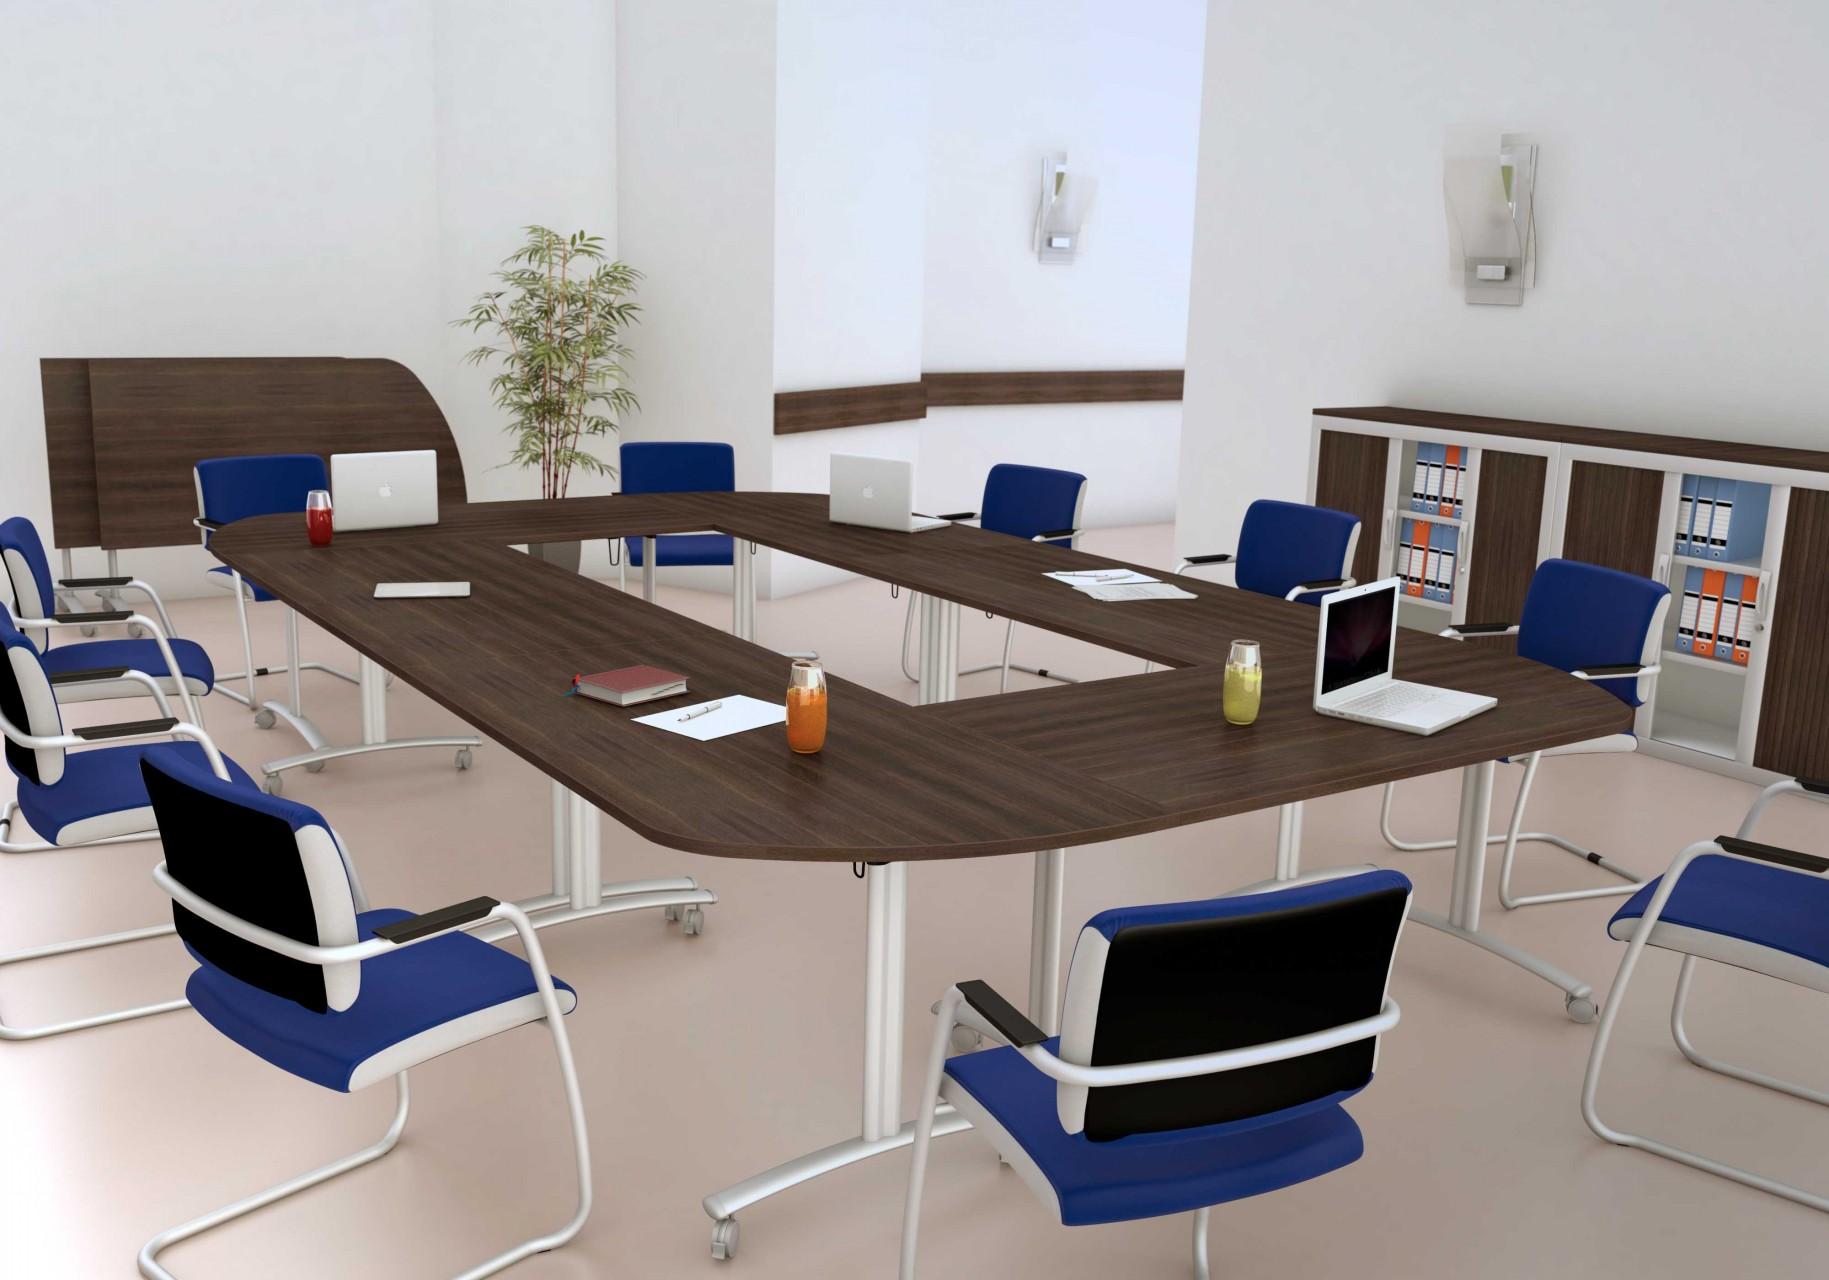 table de r union basculante abattante 120 cm achat tables de r union 349 00. Black Bedroom Furniture Sets. Home Design Ideas